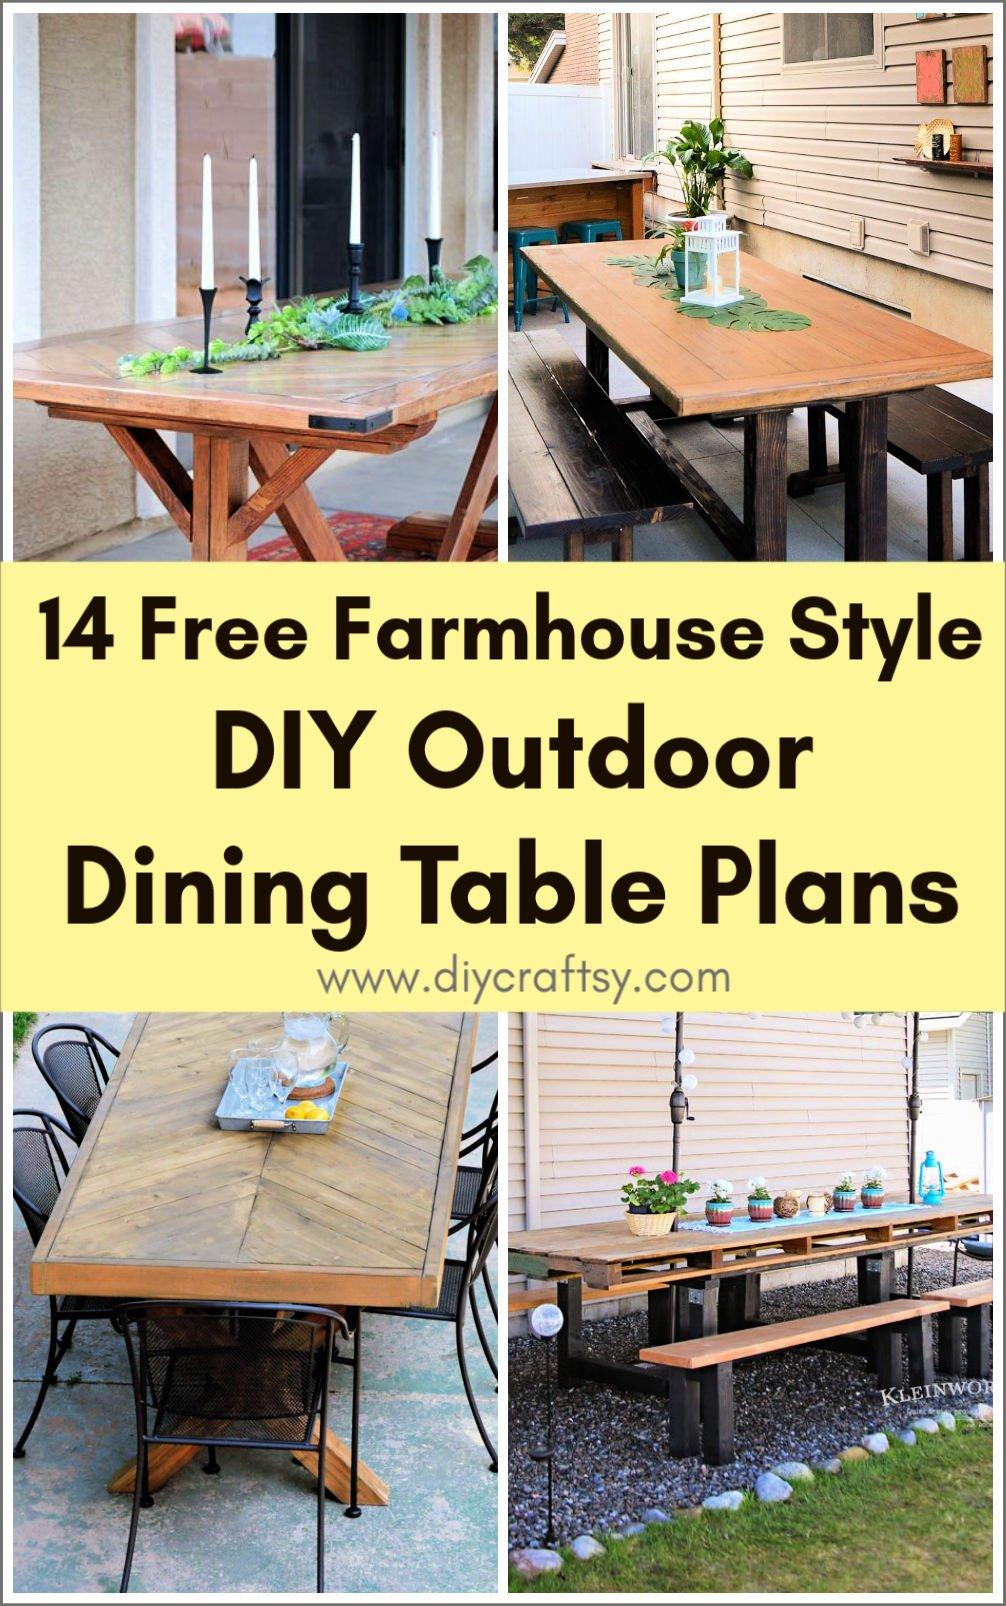 Planes de mesa de comedor al aire libre de bricolaje estilo granja gratis